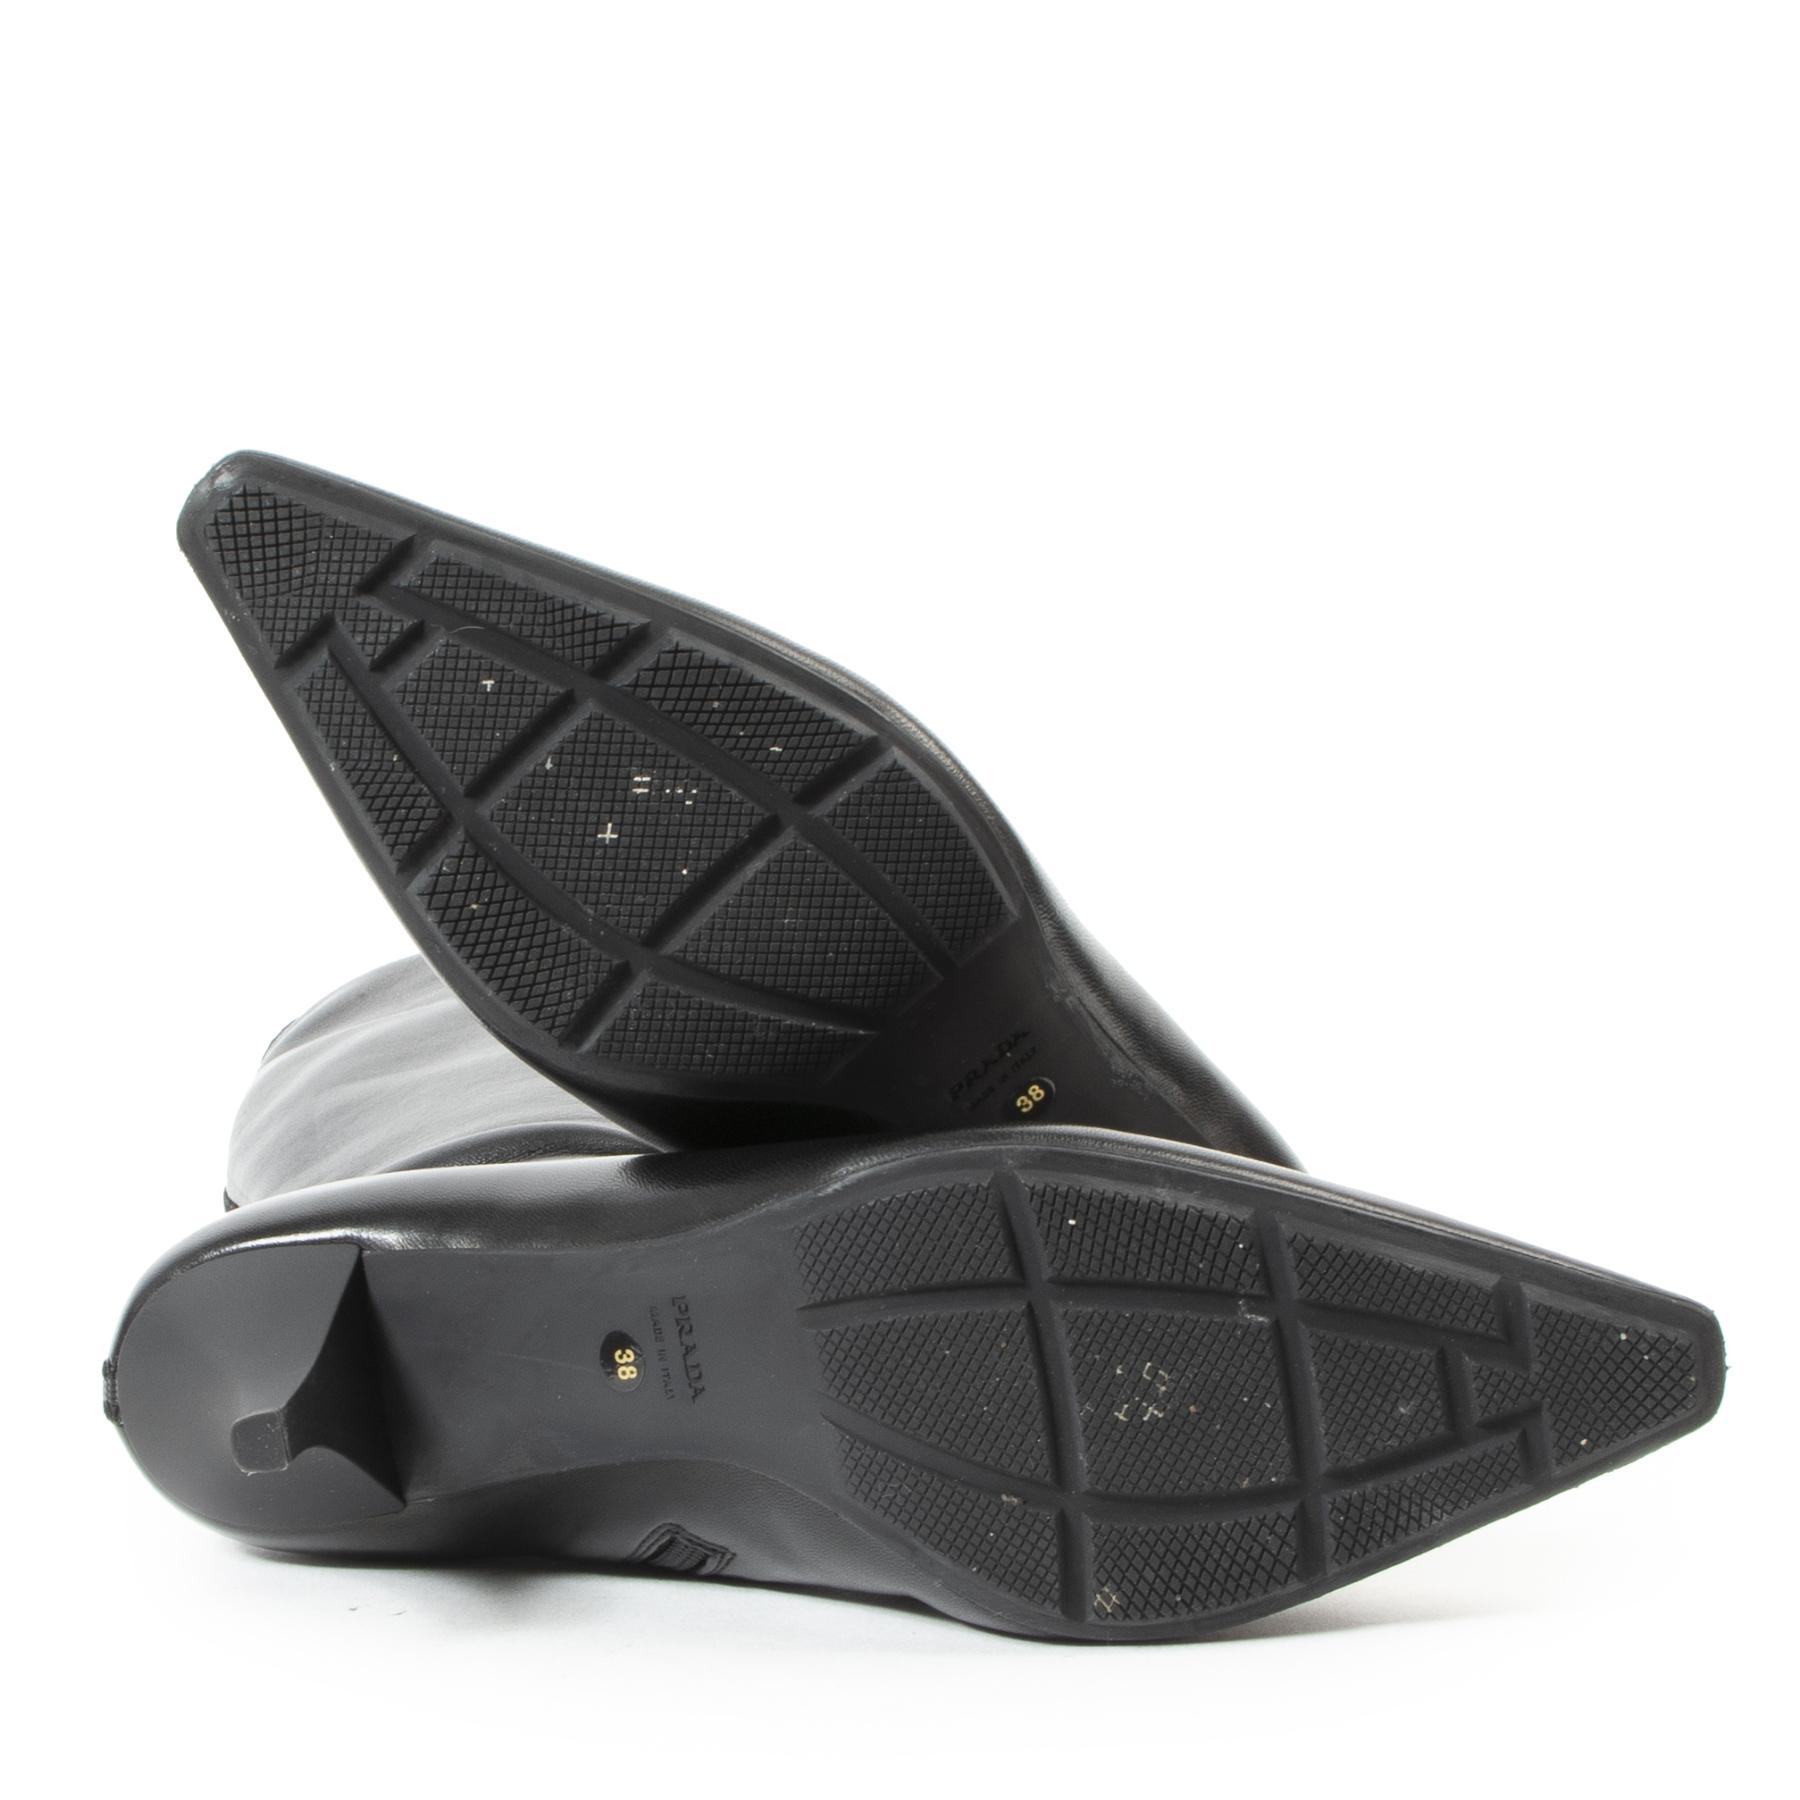 Acheter d'authentiques bottines Prada d'occasion à bon prix chez LabelLOV.